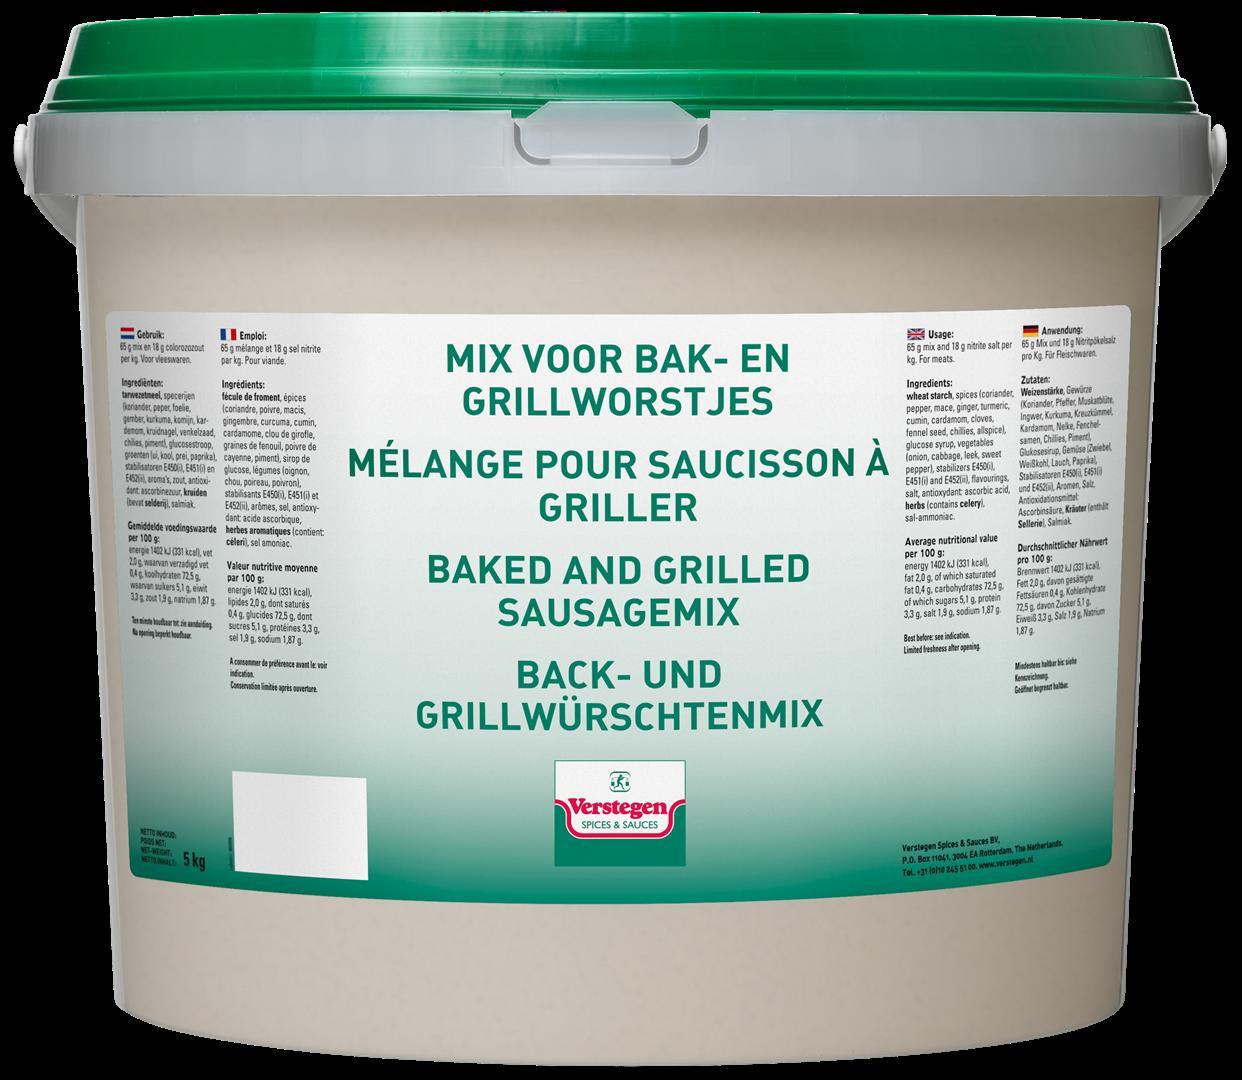 Productafbeelding Verstegen Mix voor bak- en grillworstjes 5000 g emmer